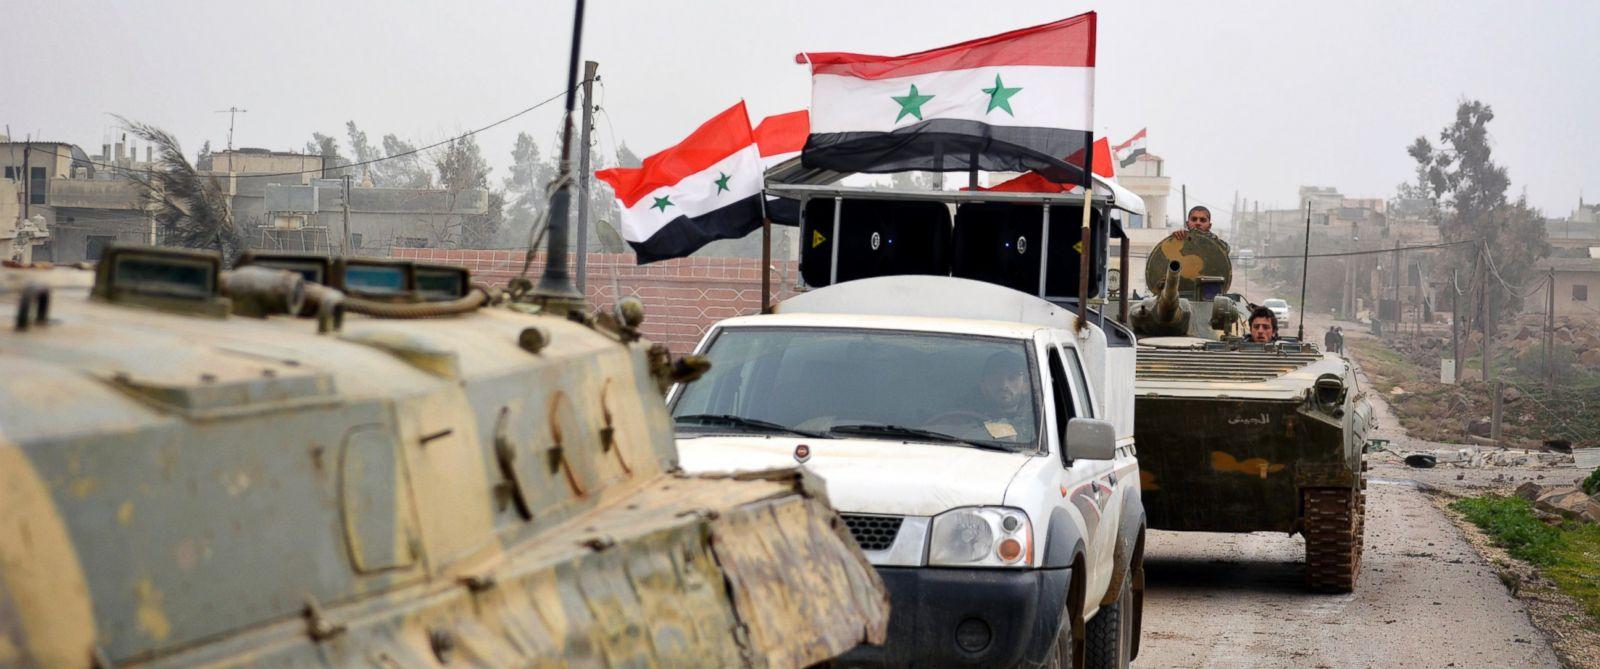 Syrian-Arab-Army-Deir-Ezzor